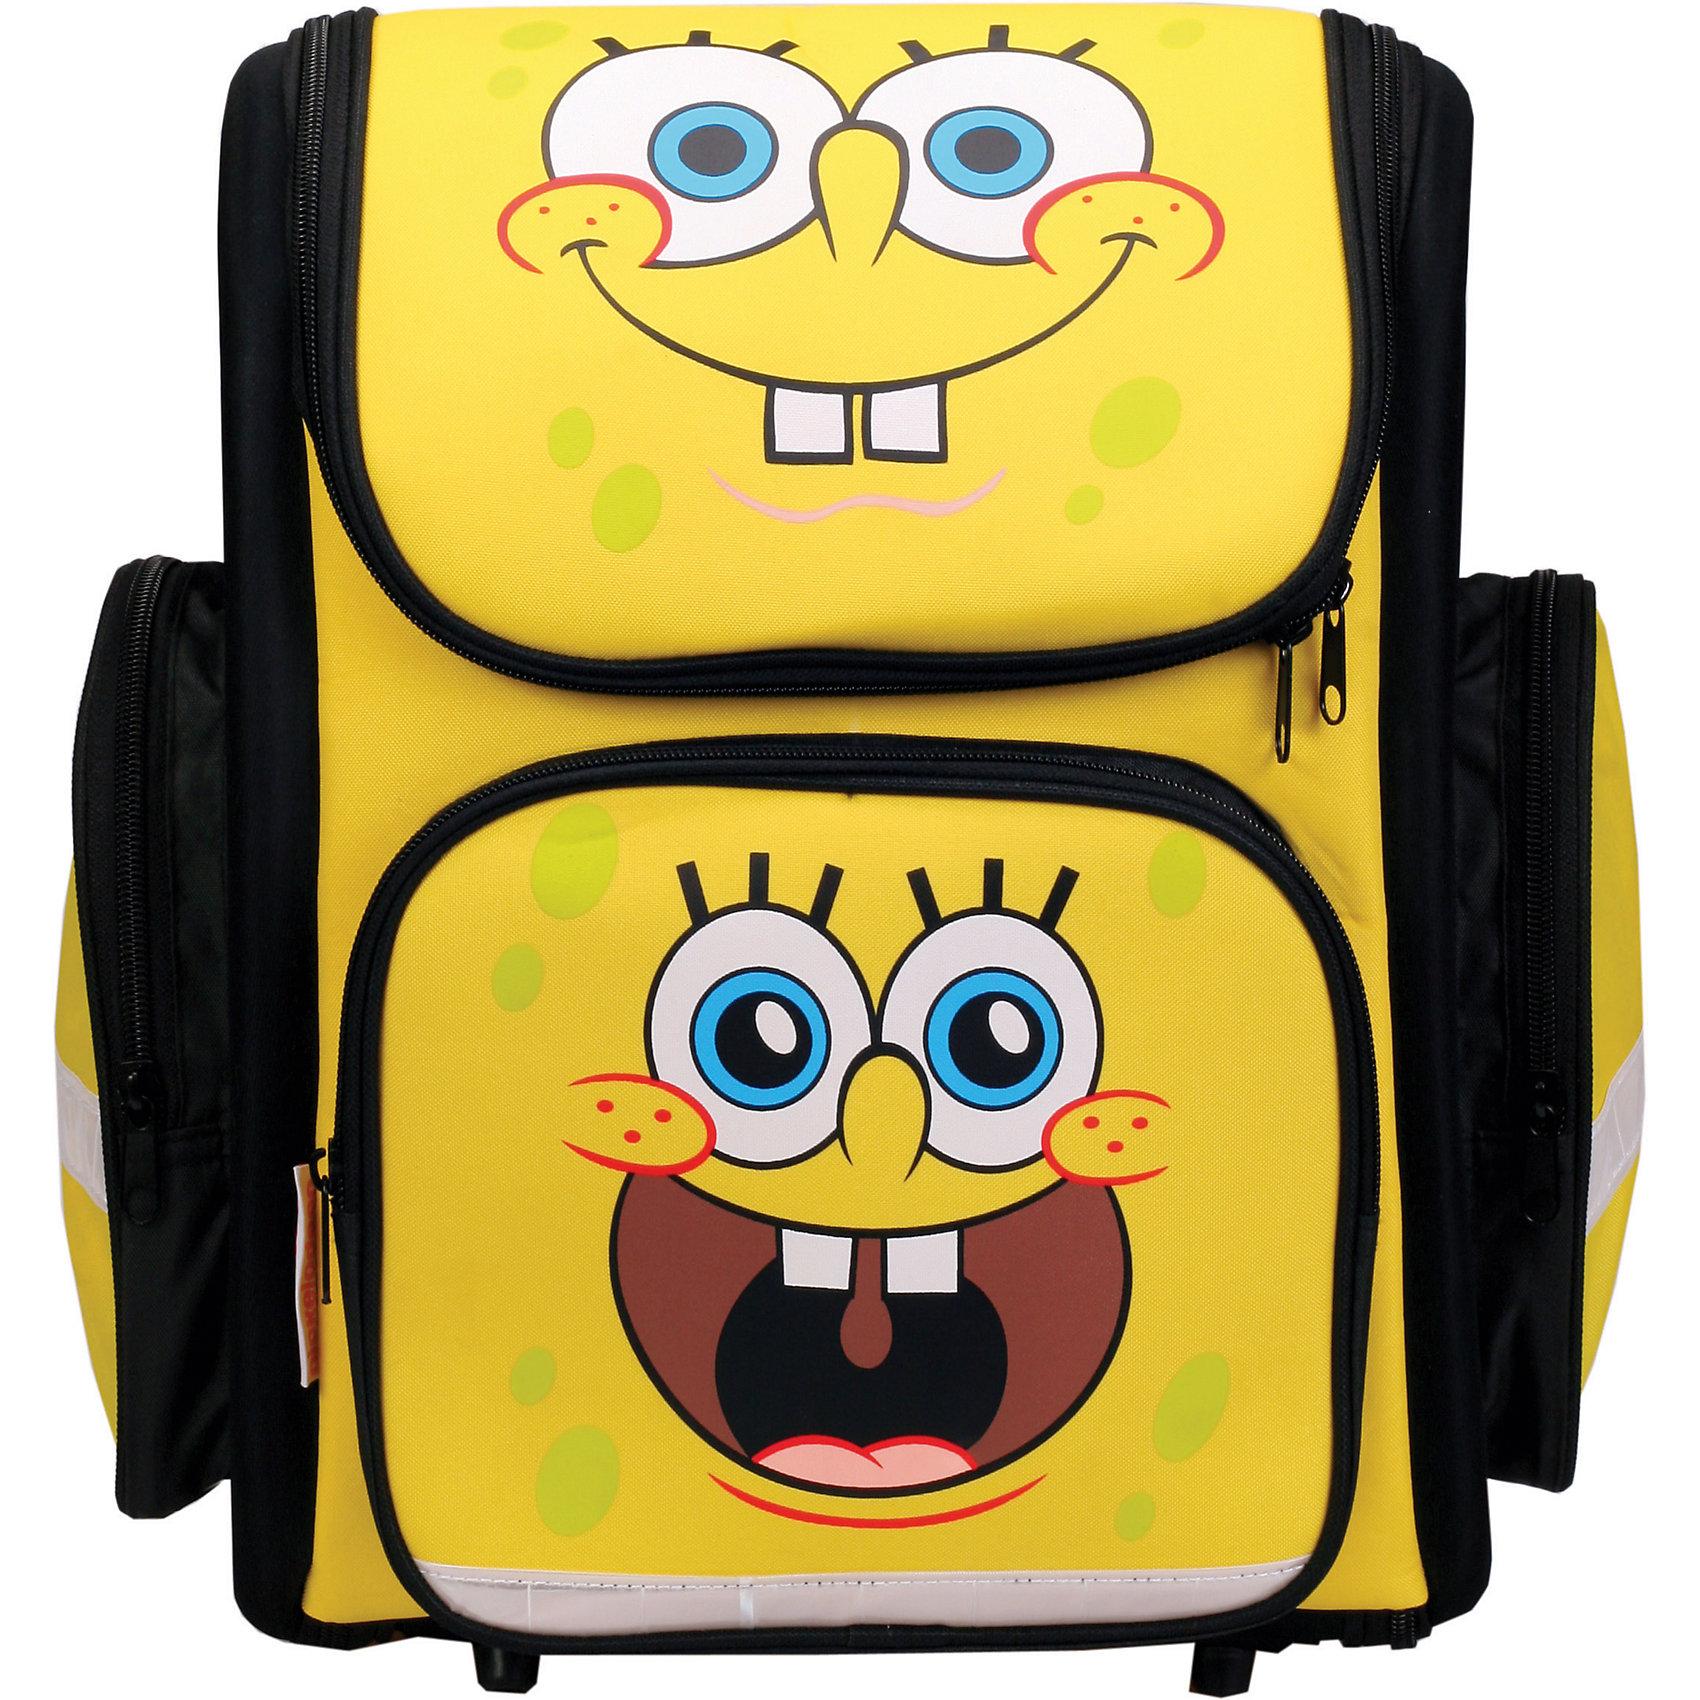 Ортопедический рюкзак Sponge BobОртопедический рюкзак Sponge Bob, CENTRUM (Центрум) ? каркасный рюкзак отечественного бренда детской серии. Рюкзаки этой серии выполнены из непромокаемого и прочного полиэстера высокого качества, отличаются легким весом. <br>Внутреннее устройство рюкзака состоит из одного вместительного отсека, внутри которого имеется вместительный карман. По бокам рюкзака имеются два кармана на застежке-молнии, на передней стенке – объемный карман, застегивающийся на молнию. Эргономичность рюкзака обеспечивается ортопедической спинкой и широкими регулируемыми ортопедическими лямками. Устойчивость рюкзаку придают имеющиеся на дне пластиковые ножки. Предусмотрена ручка-петля, за которую рюкзак можно подвешивать. <br>Рюкзак выполнен в черном цвете с яркими элементами дизайна. На передней стороне имеется изображение Губки Боба.<br>Ортопедический рюкзак Sponge Bob, CENTRUM (Центрум) ? это многофункциональность, качество и удобство использования. <br><br>Дополнительная информация:<br><br>- Вес: 815 г<br>- Габариты (Д*Ш*В): 18,5*32*38 см<br>- Цвет: черный, желтый<br>- Материал: полиэстер<br>- Сезон: круглый год<br>- Коллекция: детская<br>- Пол: мужской<br>- Предназначение: для школы, для занятий спортом, для путешествий <br>- Особенности ухода: можно чистить влажной щеткой или губкой<br><br>Подробнее:<br><br>• Для детей в возрасте: от 3 лет и до 10 лет<br>• Страна производитель: Россия<br>• Торговый бренд: CENTRUM<br><br>Ортопедический рюкзак Sponge Bob, CENTRUM (Центрум) можно купить в нашем интернет-магазине.<br><br>Ширина мм: 185<br>Глубина мм: 320<br>Высота мм: 380<br>Вес г: 815<br>Возраст от месяцев: 36<br>Возраст до месяцев: 120<br>Пол: Мужской<br>Возраст: Детский<br>SKU: 4865216